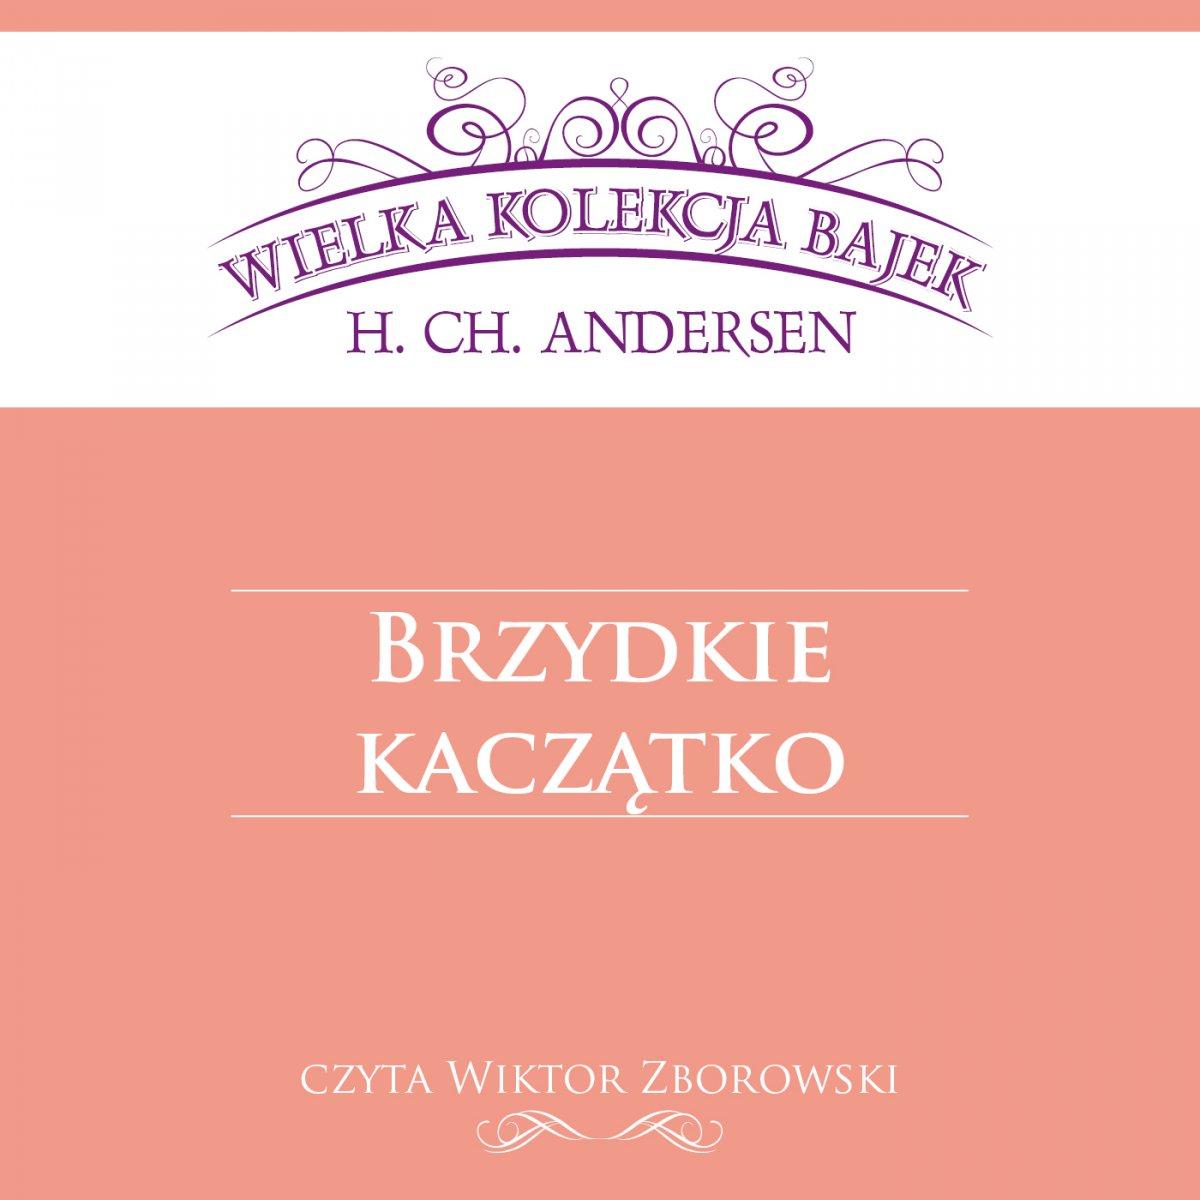 Brzydkie kaczątko (Wielka Kolekcja Bajek) - Audiobook (Książka audio MP3) do pobrania w całości w archiwum ZIP